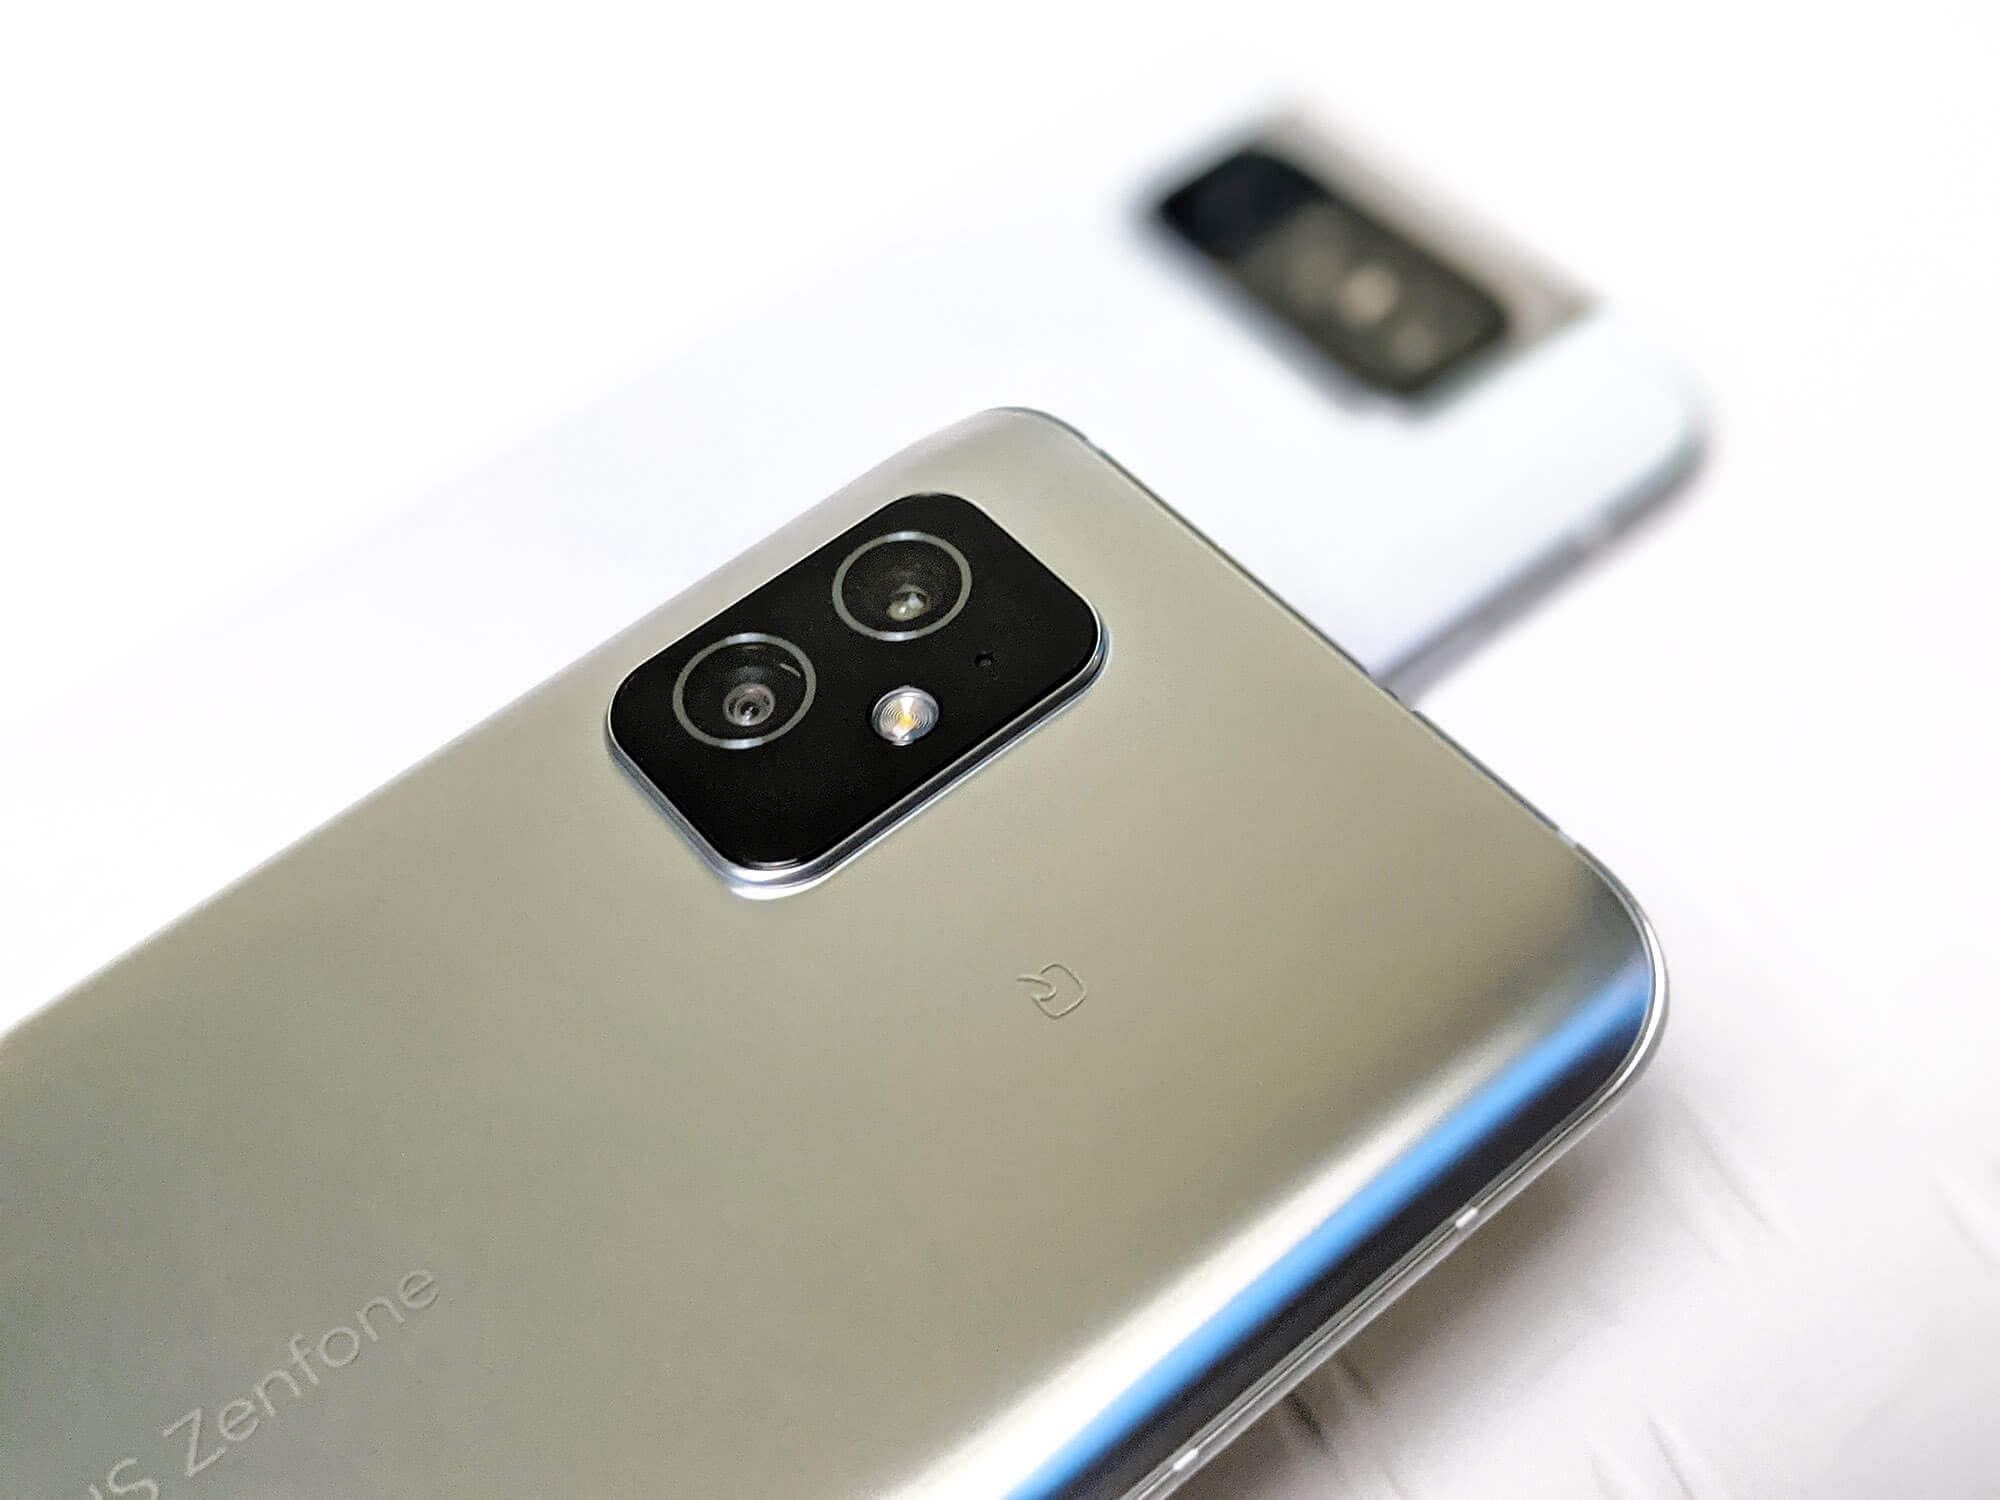 Zenfone 8のカメラ画質